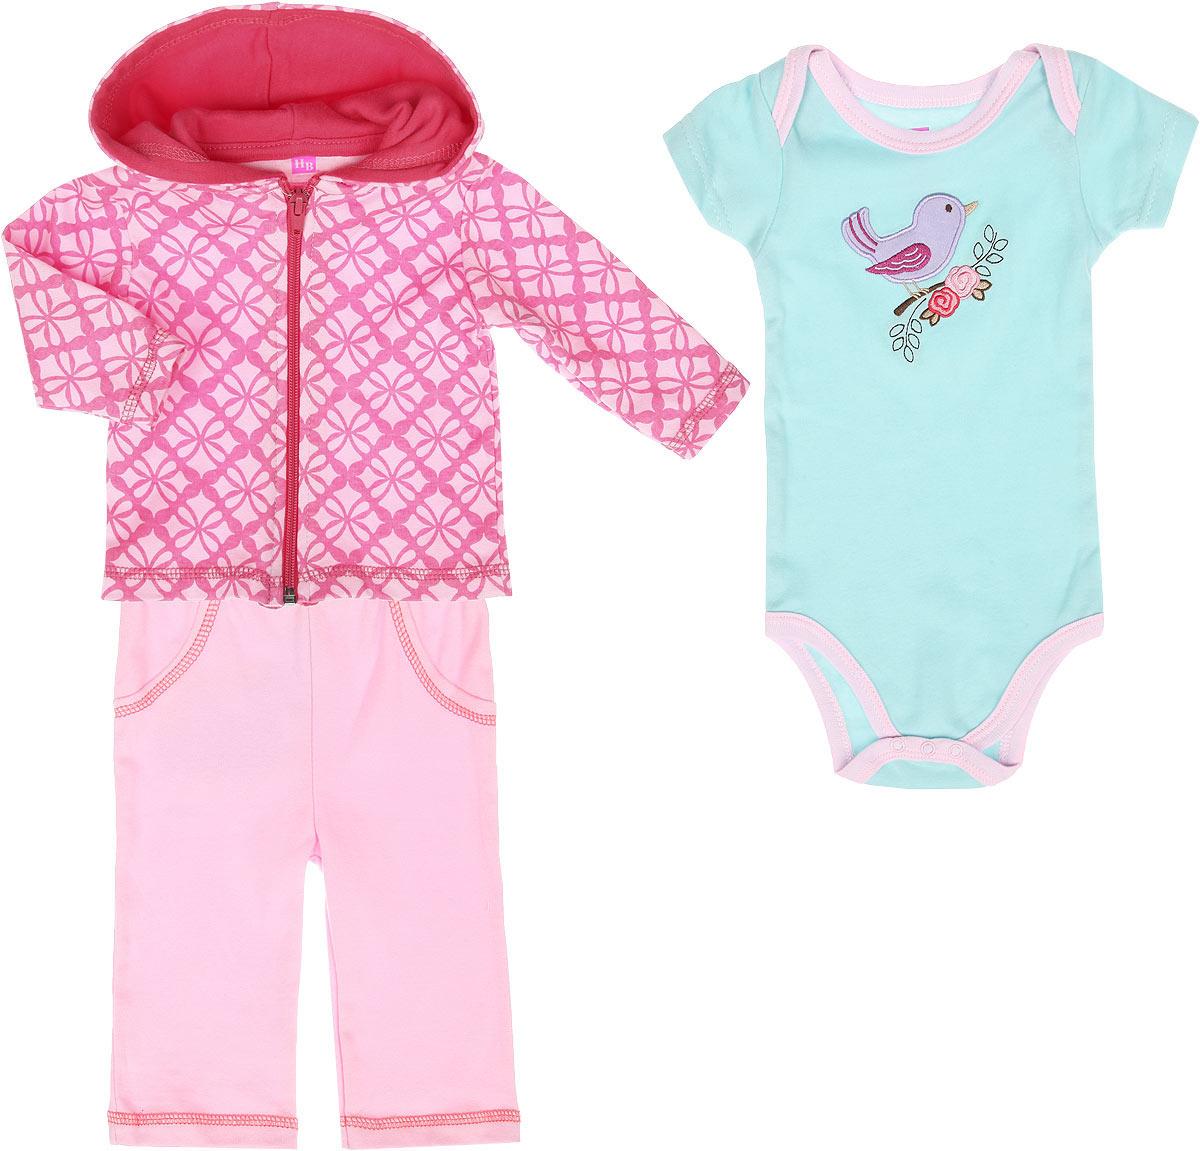 Комплект для девочки: толстовка, боди-футболка, штанишки. 5054950549Яркий комплект для новорожденной девочки Hudson Baby, состоящий из толстовки, боди-футболки и штанишек, послужит идеальным дополнением к гардеробу вашей малютки, обеспечивая ей наибольший комфорт. Изготовленный из натурального хлопка, он необычайно мягкий и легкий, не раздражает нежную кожу ребенка и хорошо вентилируется, а эластичные швы приятны телу младенца и не препятствуют его движениям. Толстовка с капюшоном и длинными рукавами спереди застегивается на пластиковую застежку-молнию, что помогает с легкостью переодеть малышку. Оформлена толстовка оригинальным орнаментом. Боди-футболка имеет специальные запахи на плечах и удобные застежки-кнопки на ластовице, которые помогают легко переодеть малышку и сменить подгузник. На груди оно оформлено очаровательной аппликацией с изображением птички на ветке. Штанишки благодаря мягкому эластичному поясу не сдавливают животик младенца и не сползают, обеспечивая ему наибольший комфорт. Спереди имеется имитация двух втачных...